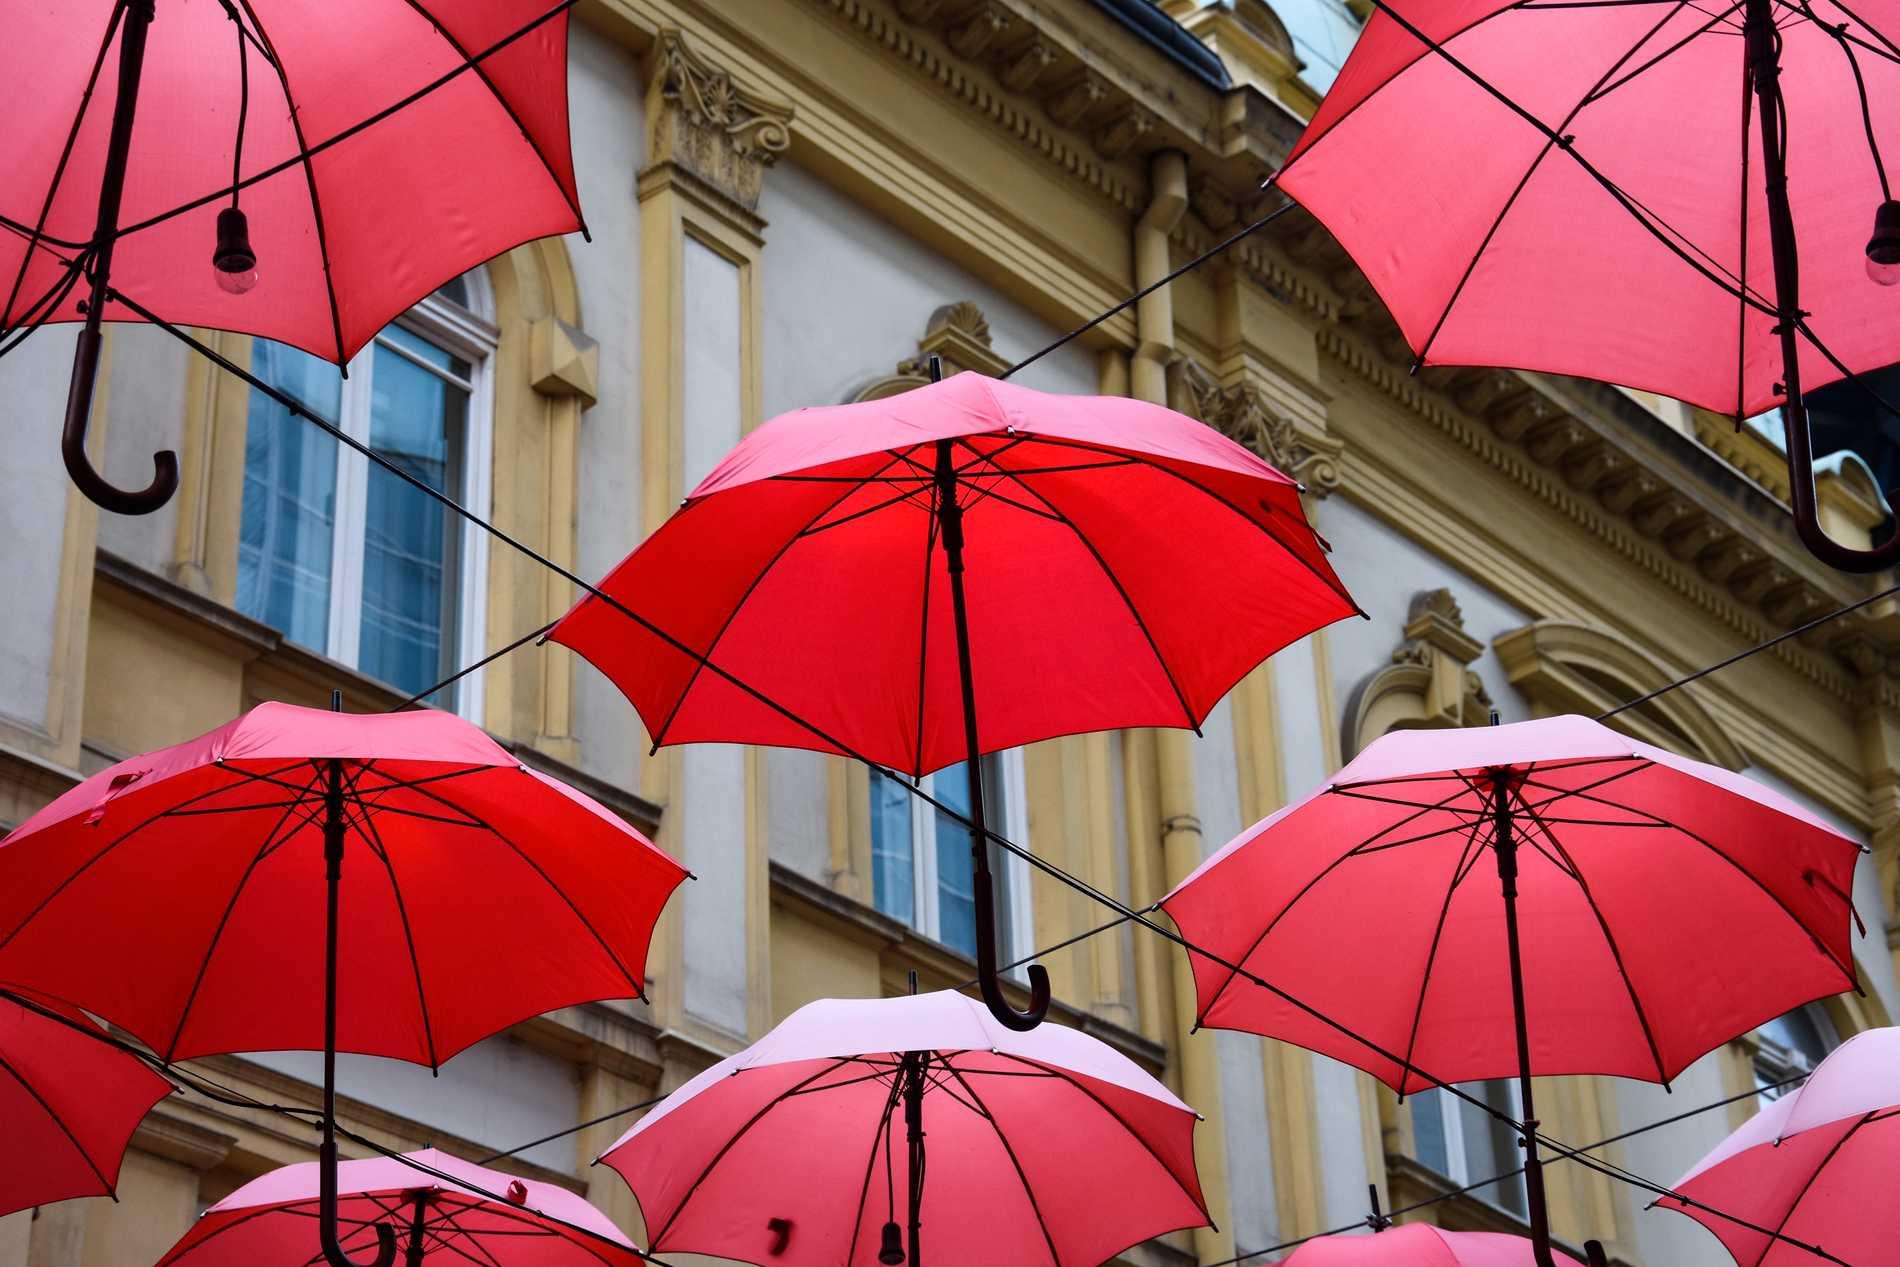 Manufactura har en uteservering där besökarna sitter under dessa röda paraplyer. Men många förbipasserade kommer att fotografera paraplyerna, och i förlängningen dig.